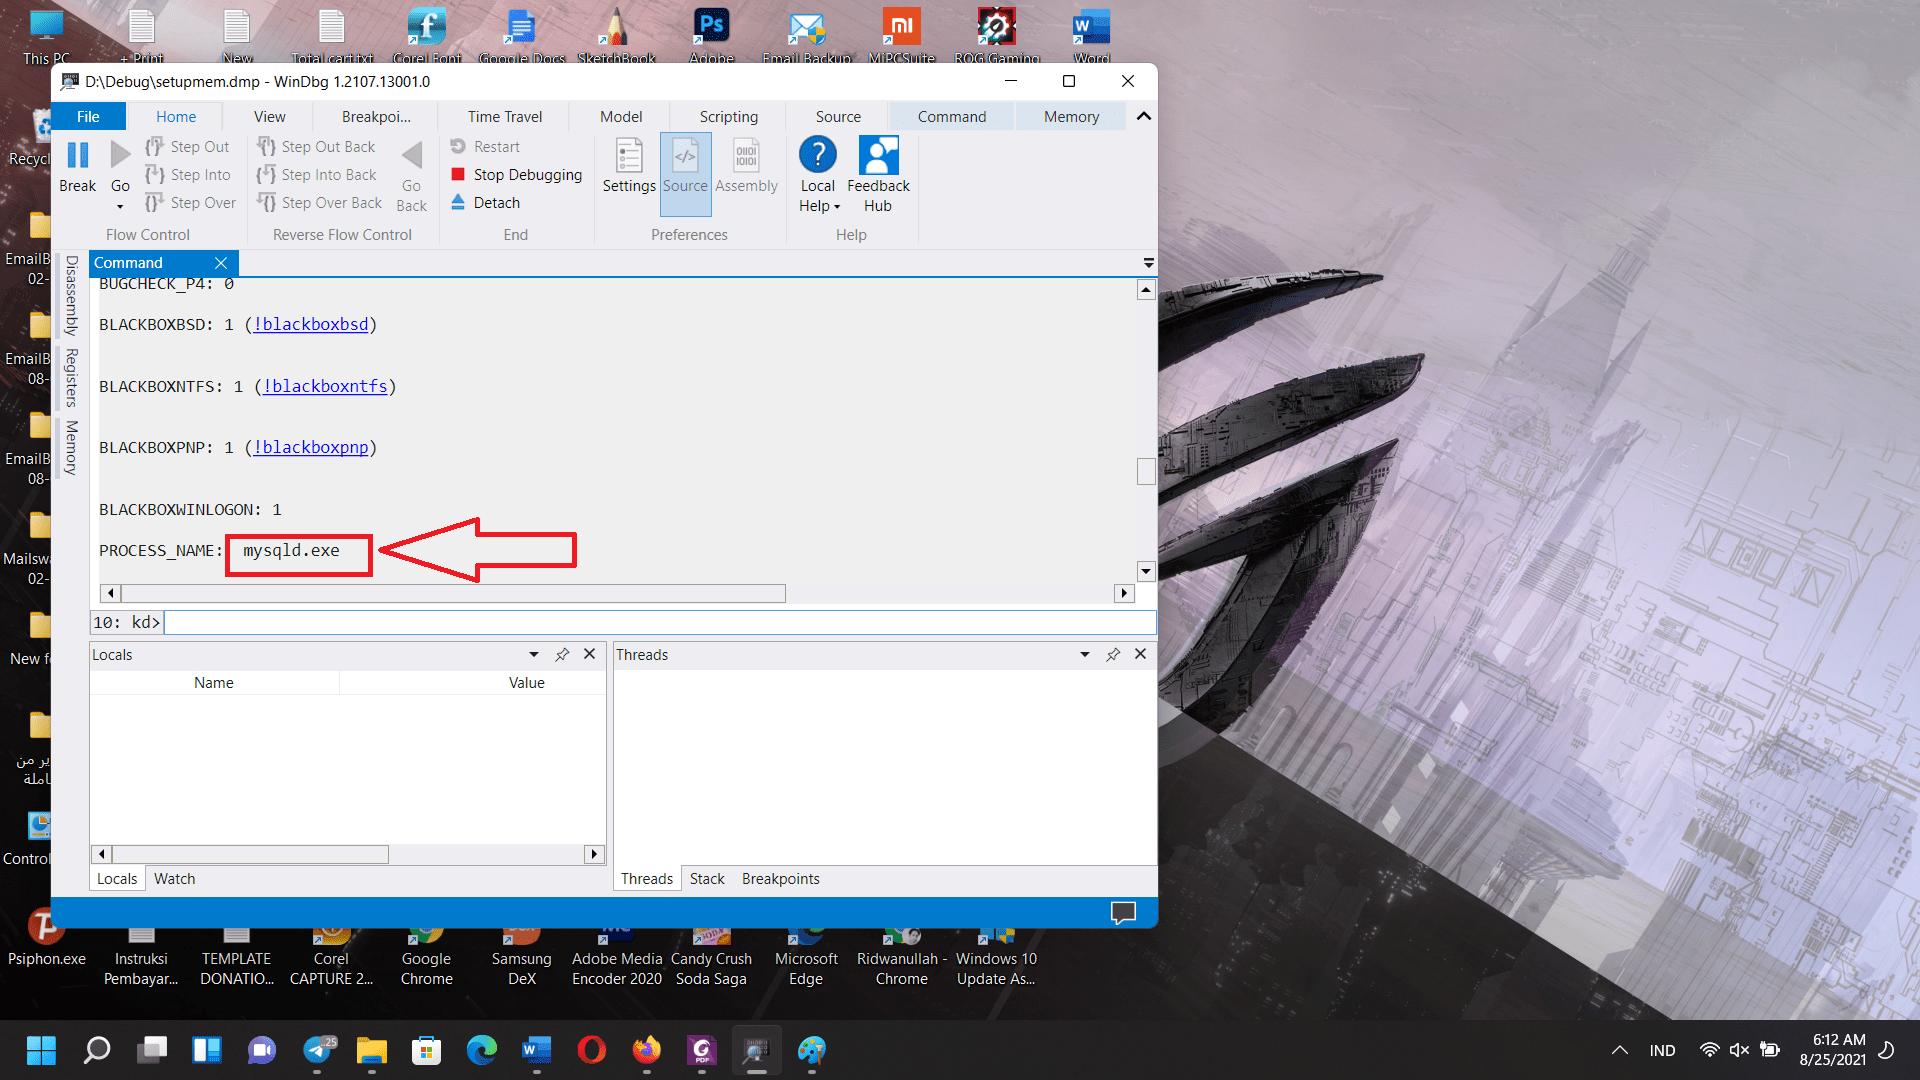 Update Windows error code: (0xc1900101), debugging process cases an error